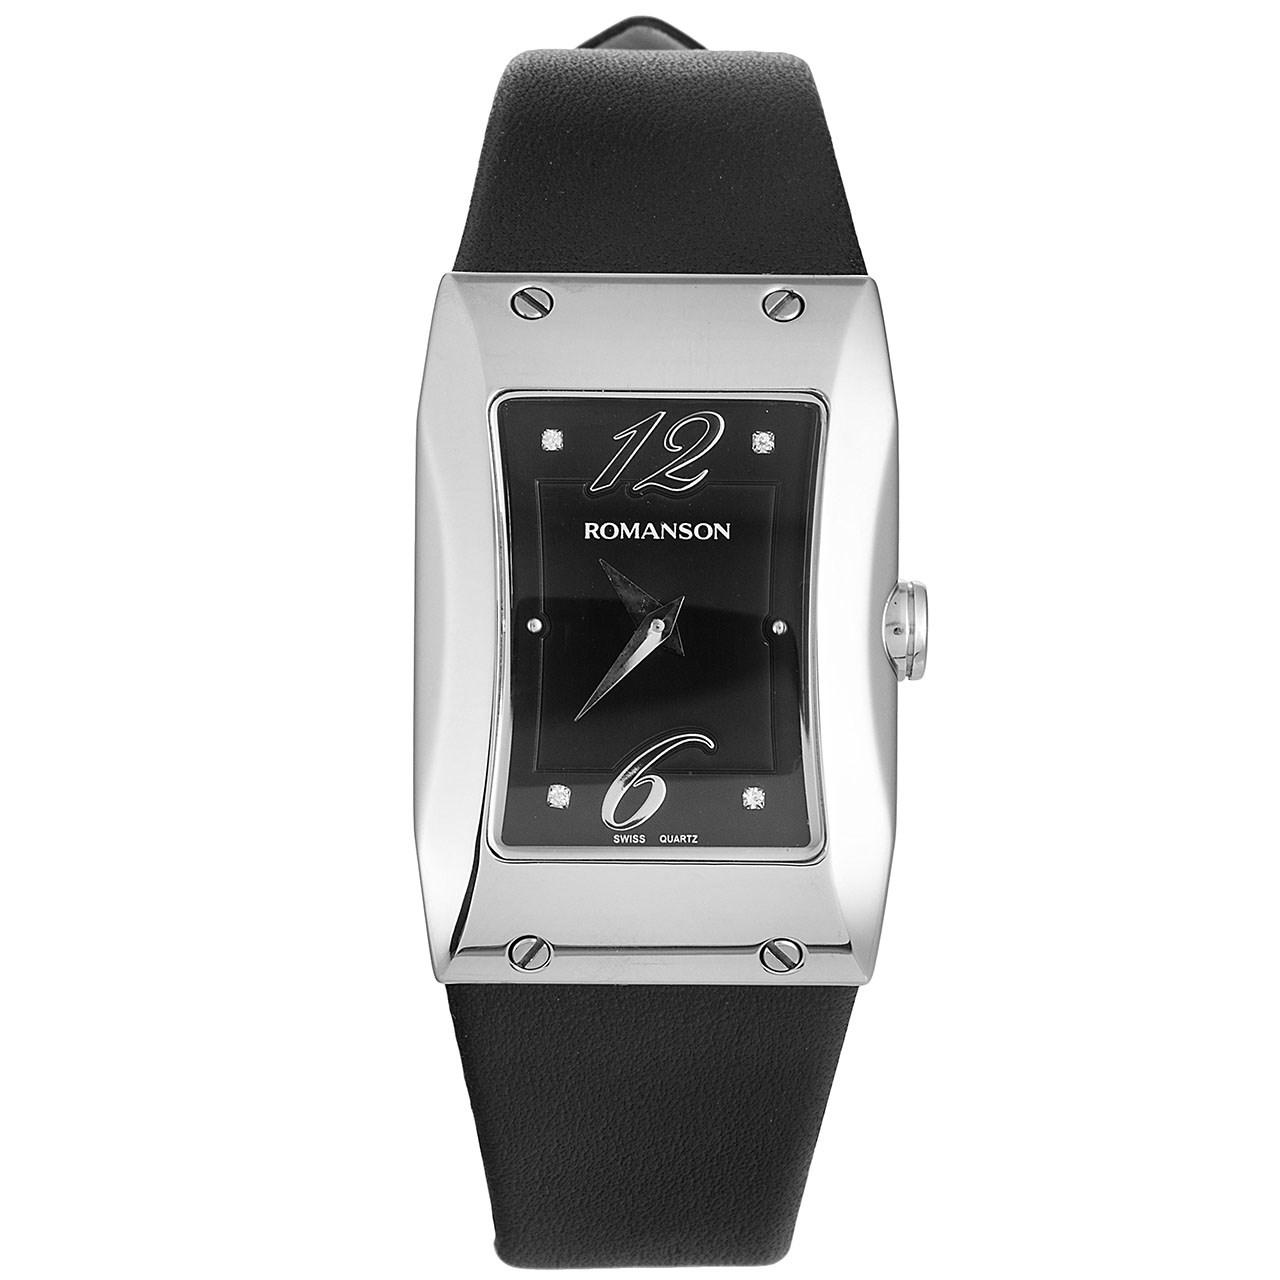 ساعت مچی عقربه ای زنانه رومانسون مدل RL0359LL1WA32W